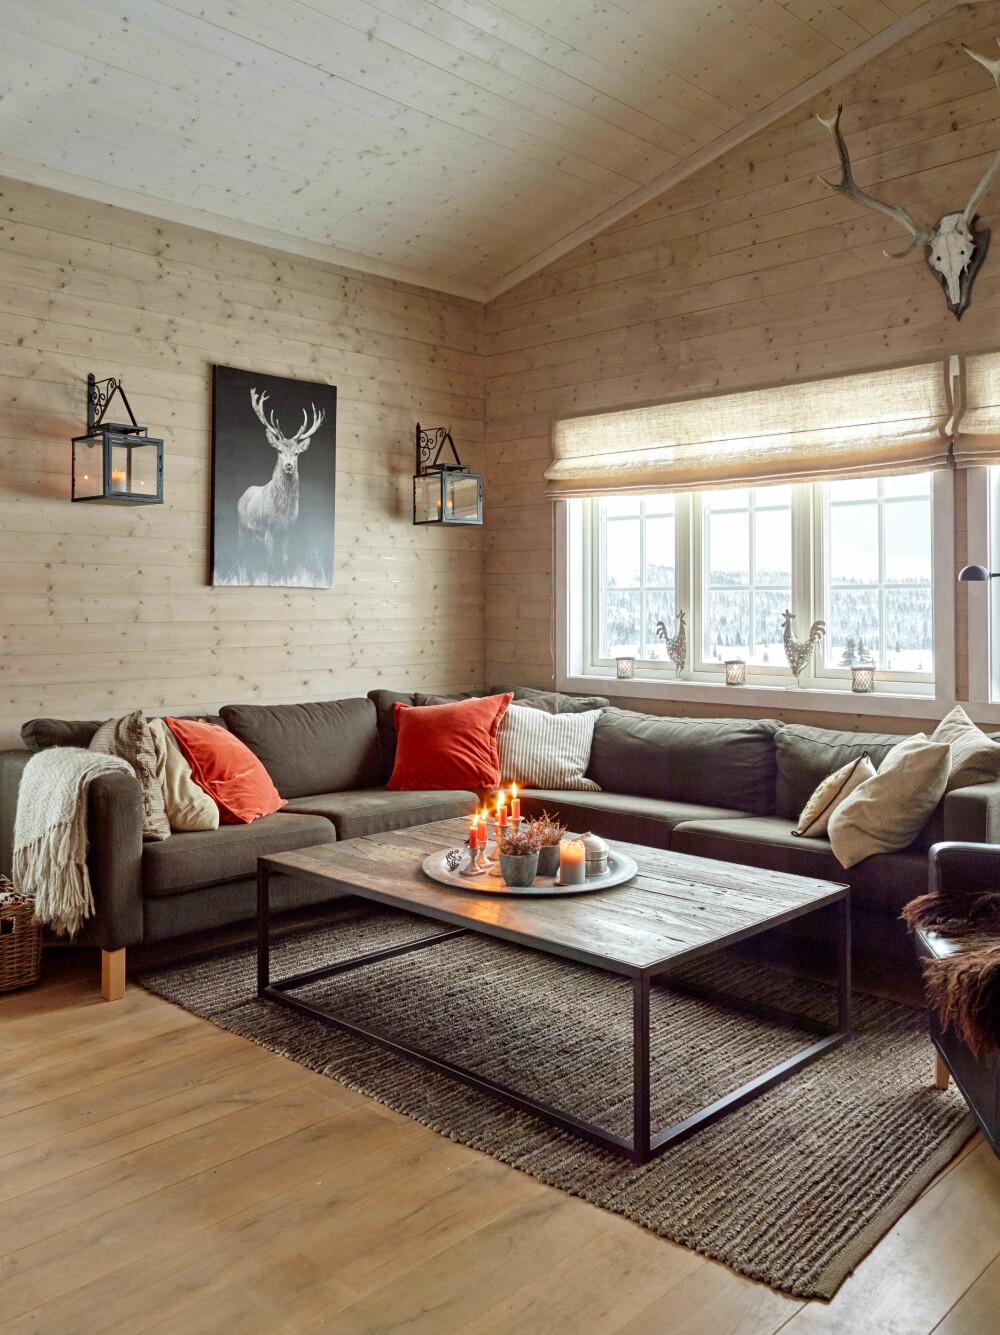 OPPDATERT: I tillegg til at de fikk nytt kjøkken, hems og flere soverom etter utbyggingen, benyttet de anledningen til å innføre en mer tidsriktig stil inne.